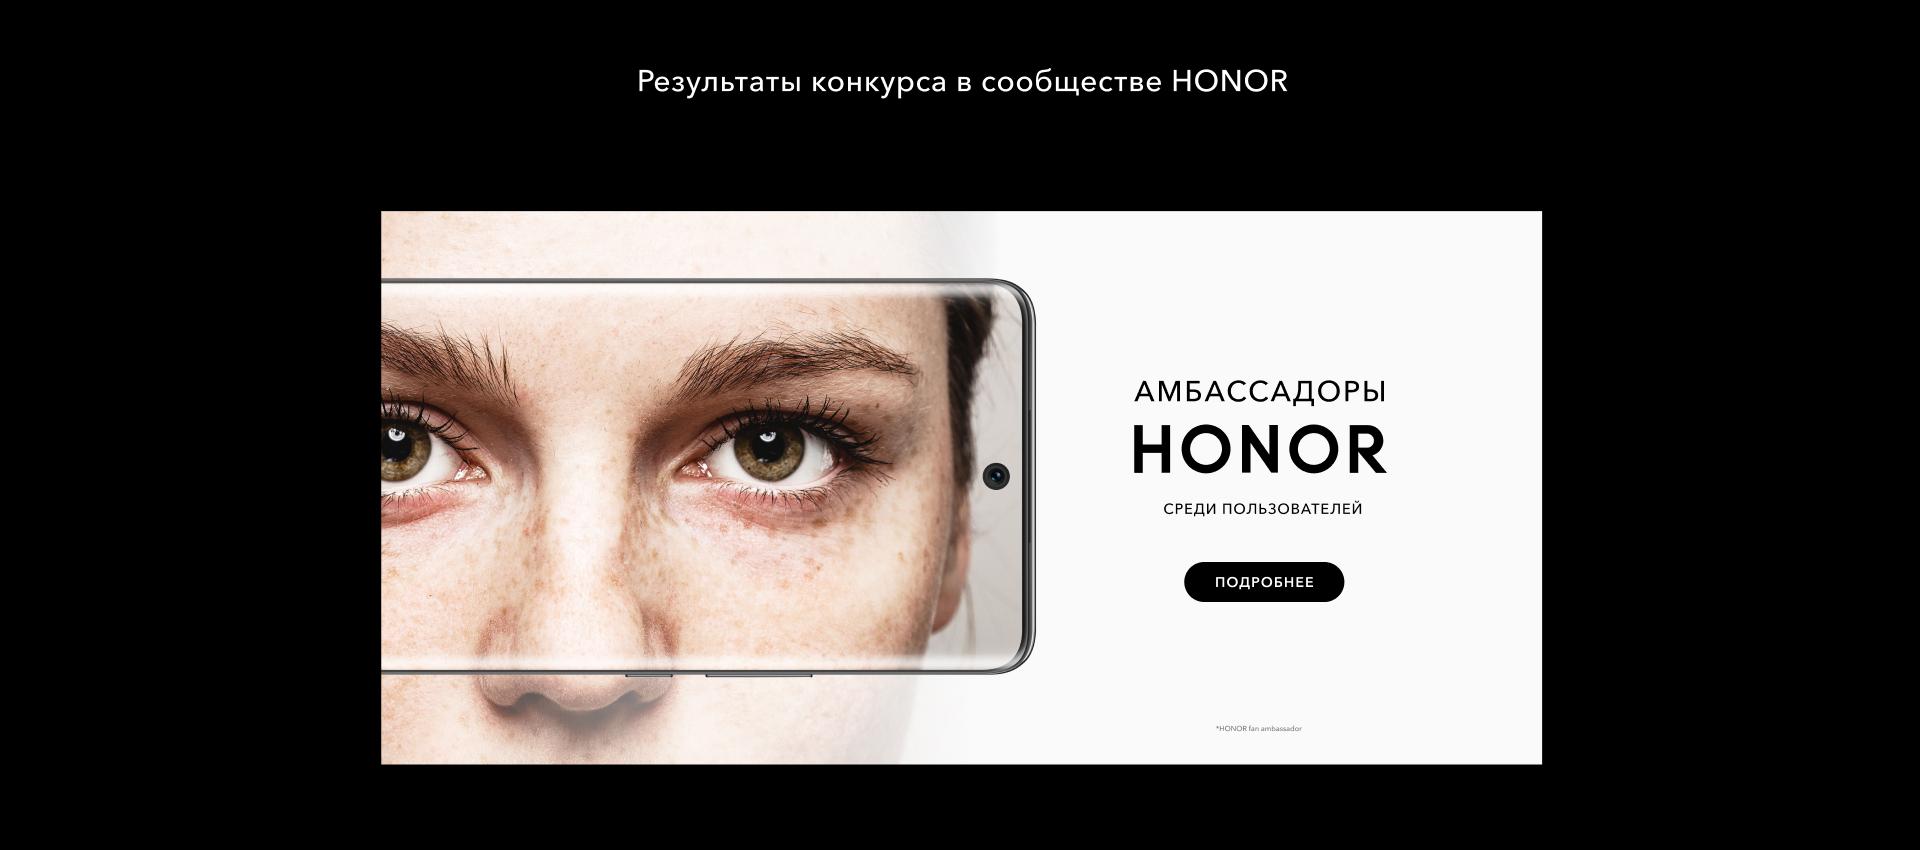 Результаты конкурса в сообществе HONOR